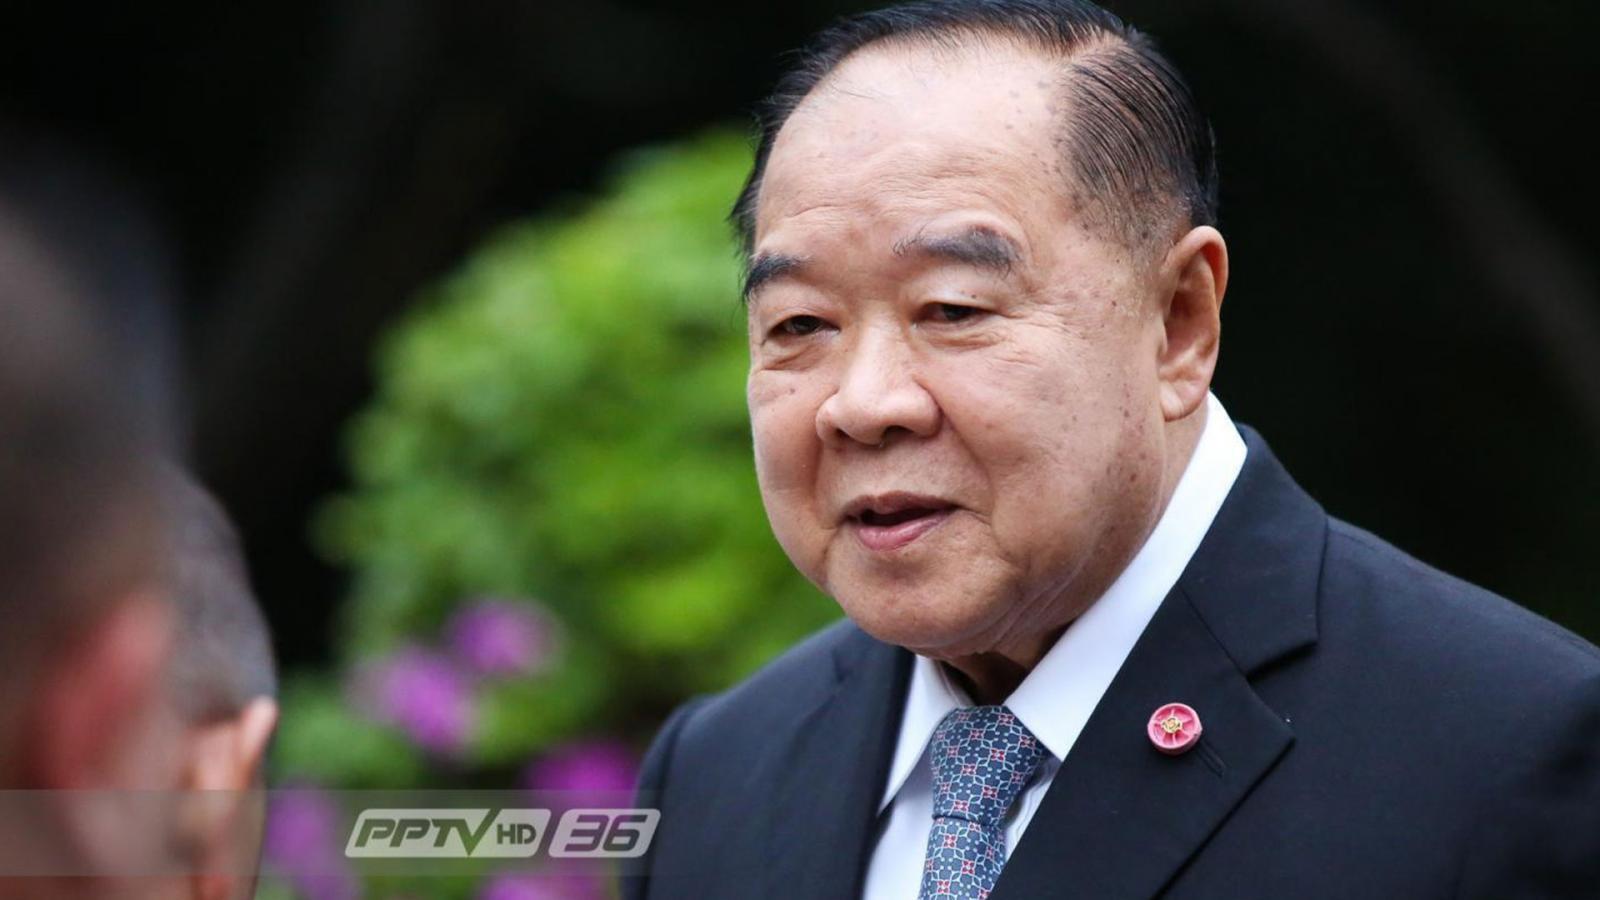 """""""บิ๊กป้อม"""" ชี้ นักการเมืองไทย จุ้น ม็อบฮ่องกง ต้องรับผลกระทบเอง"""